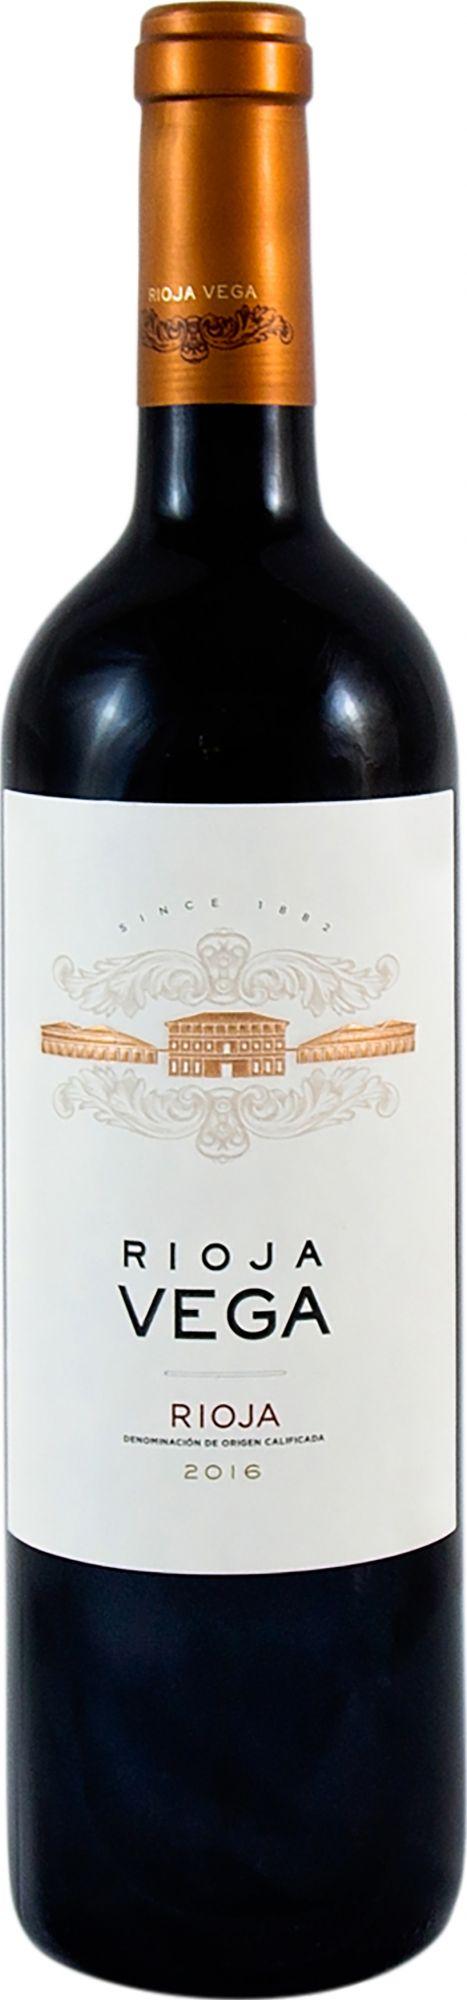 Rioja Vega Semi Crianza